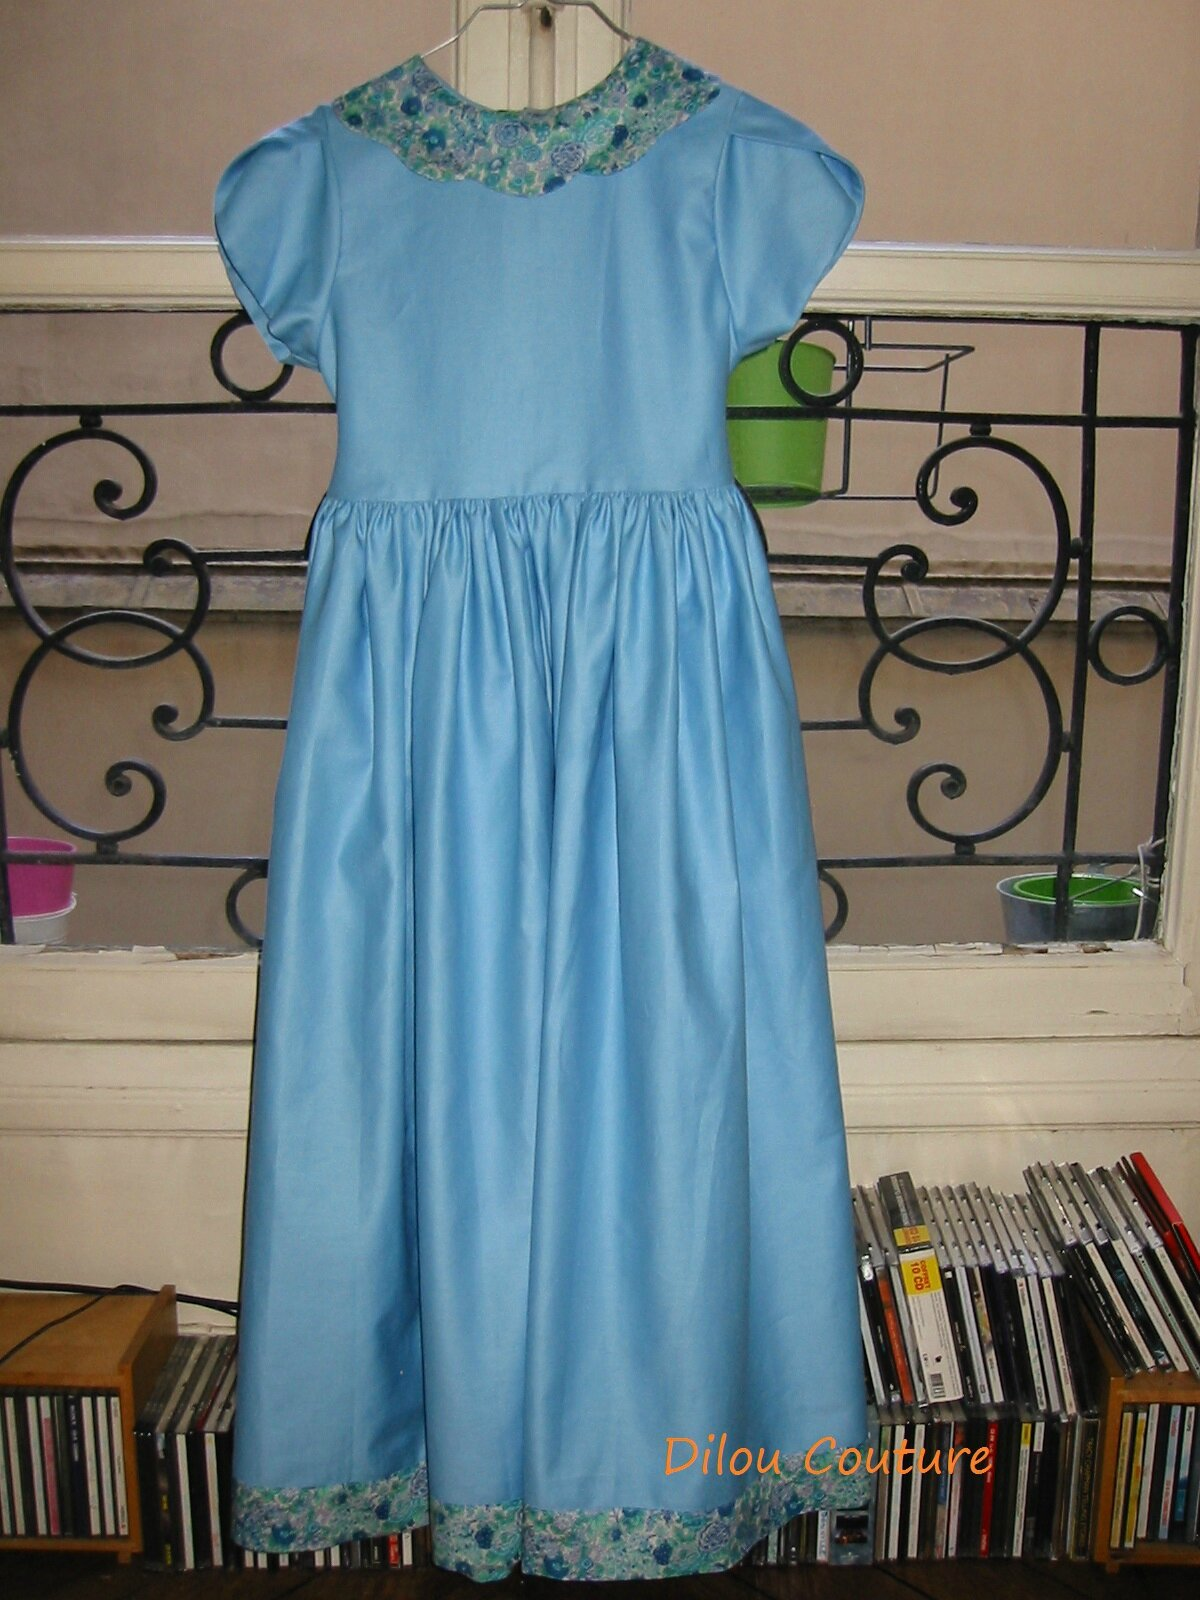 Robe photo cortège bleu - Liberty4